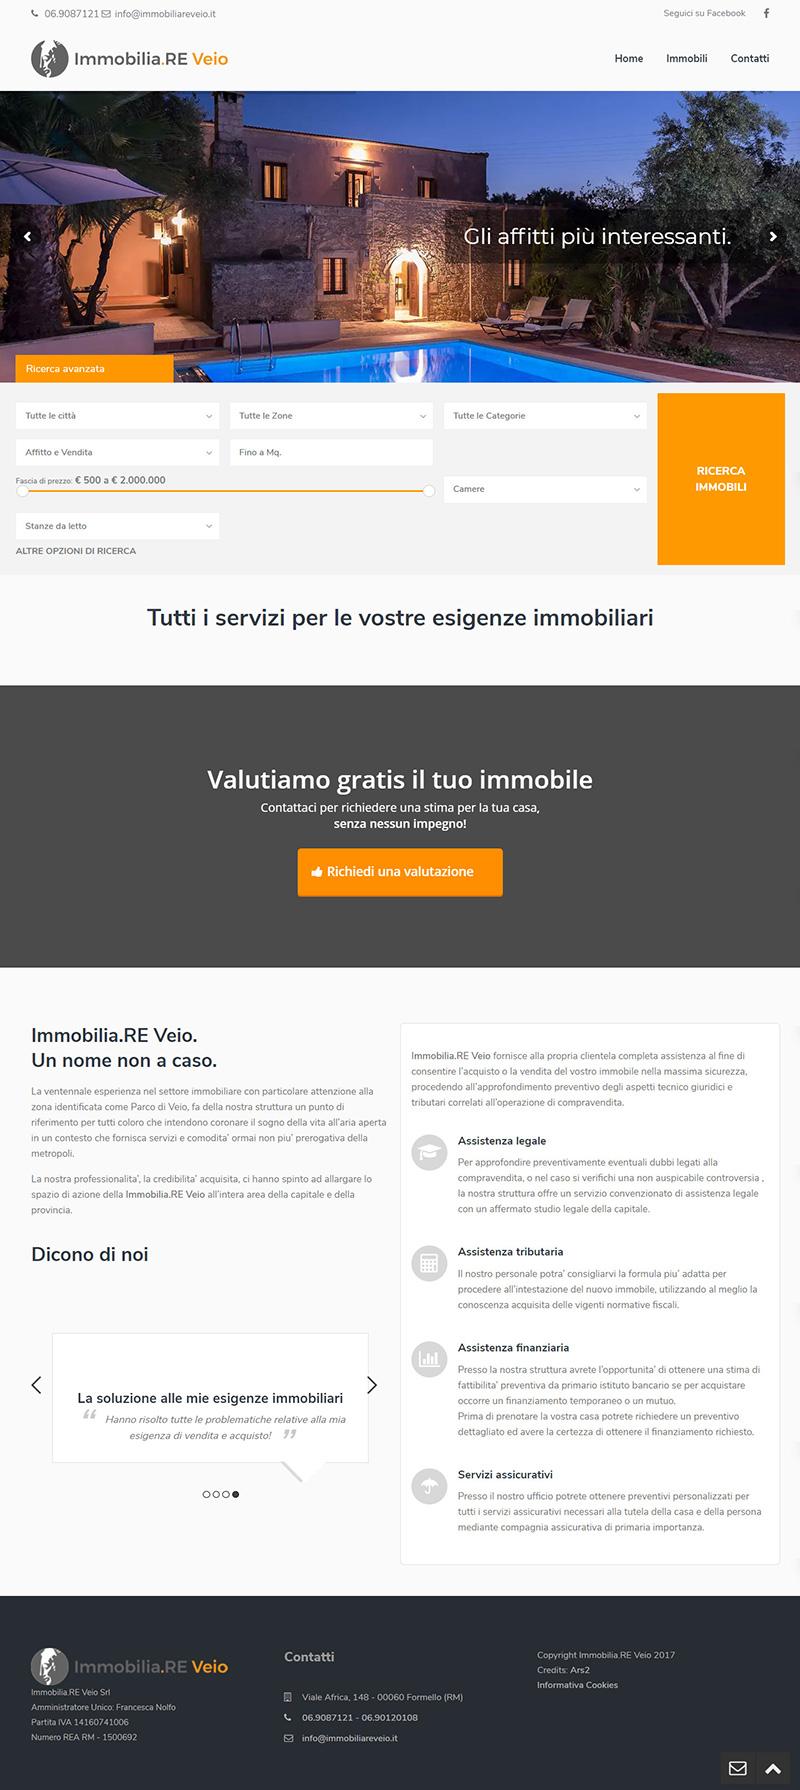 immobiliareveio.it - portfolio sito arsdue